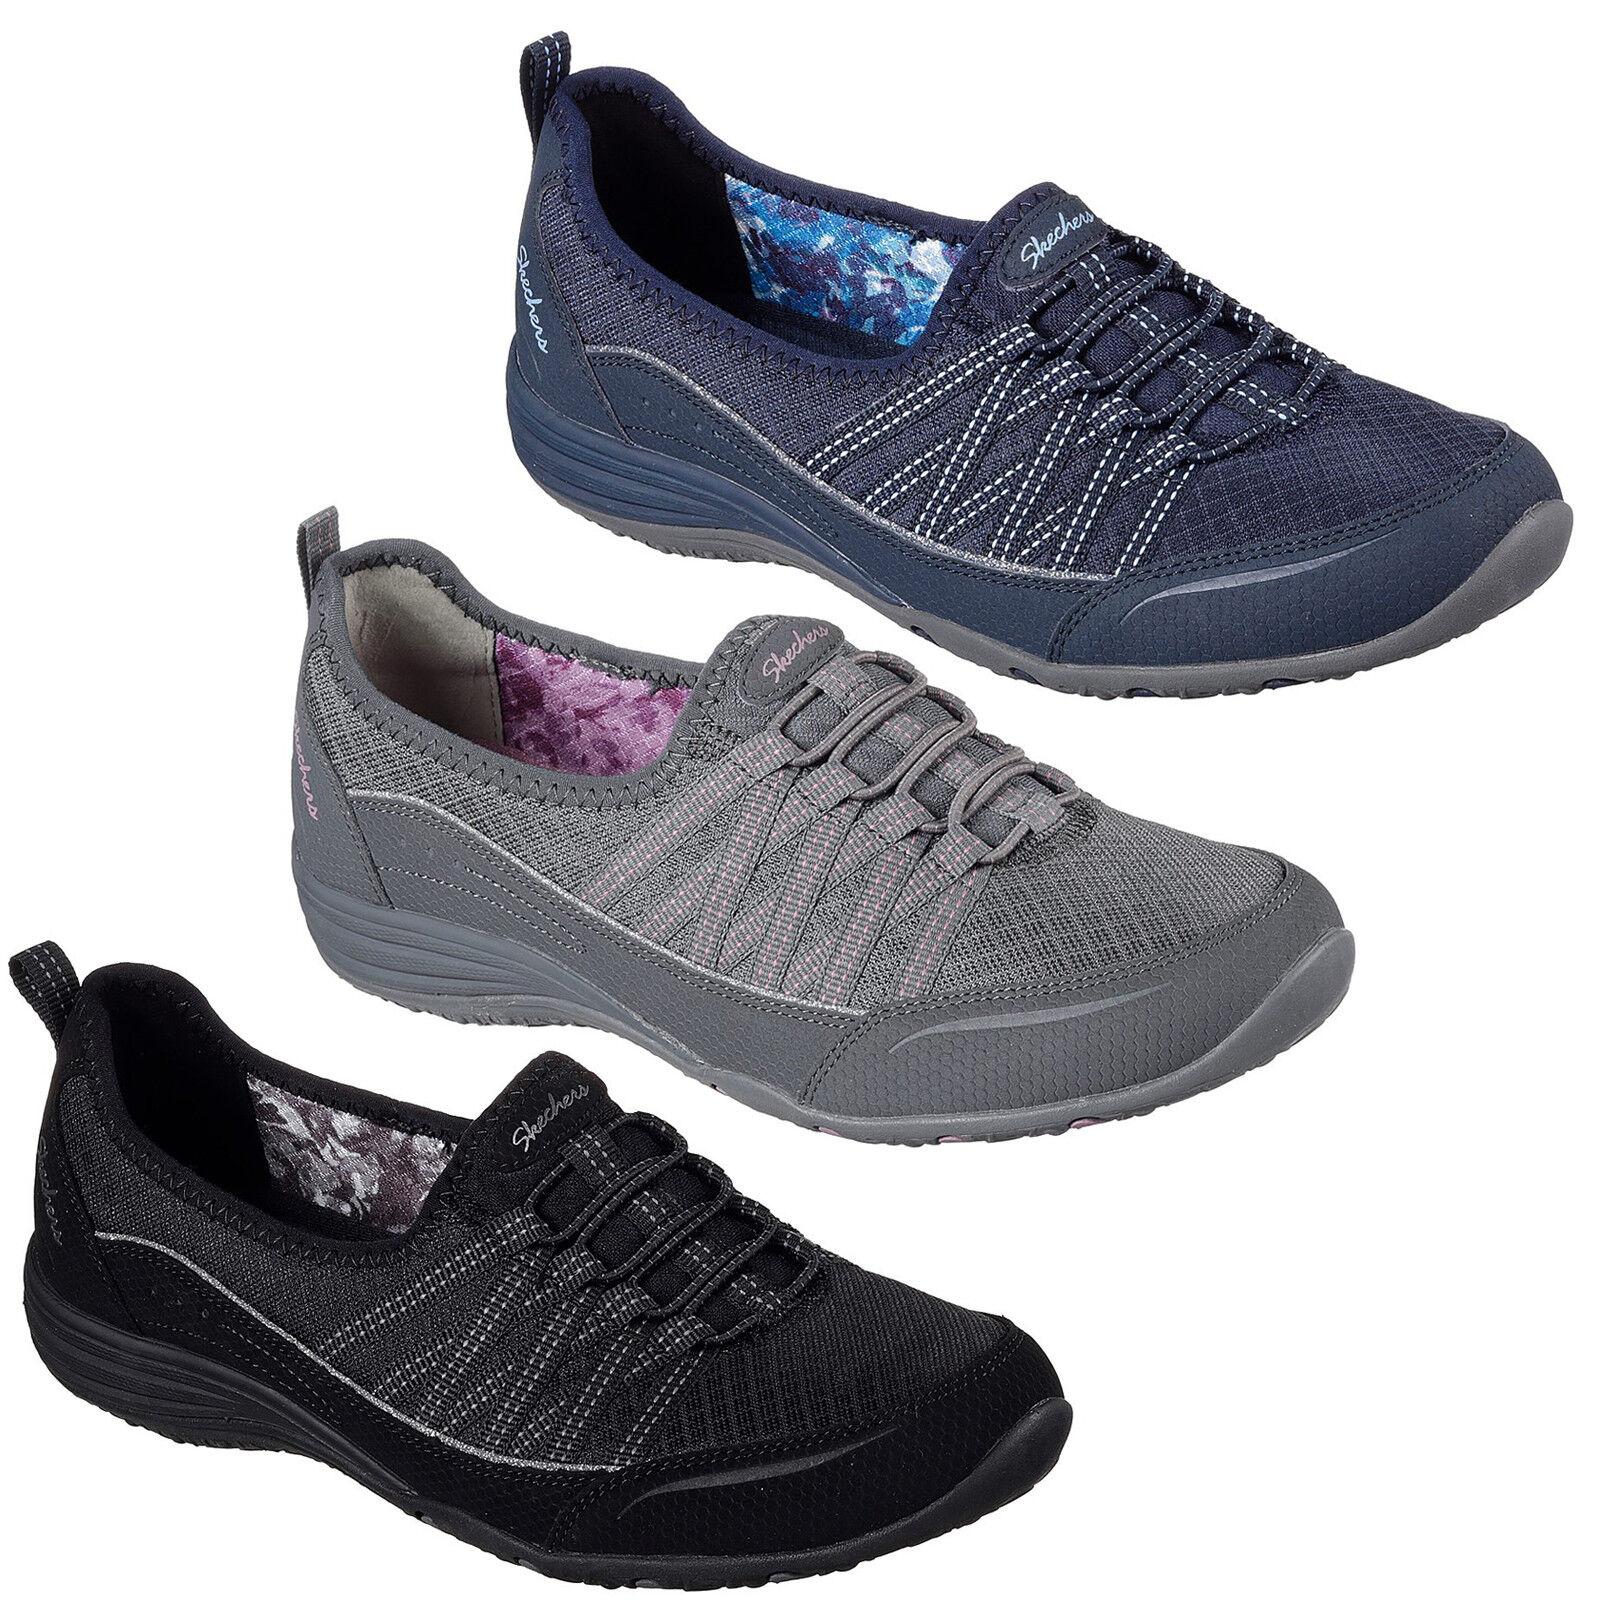 Skechers Unity Go Big Chaussures Femmes Mousse Mémoire Élastique Yoga Ballerines